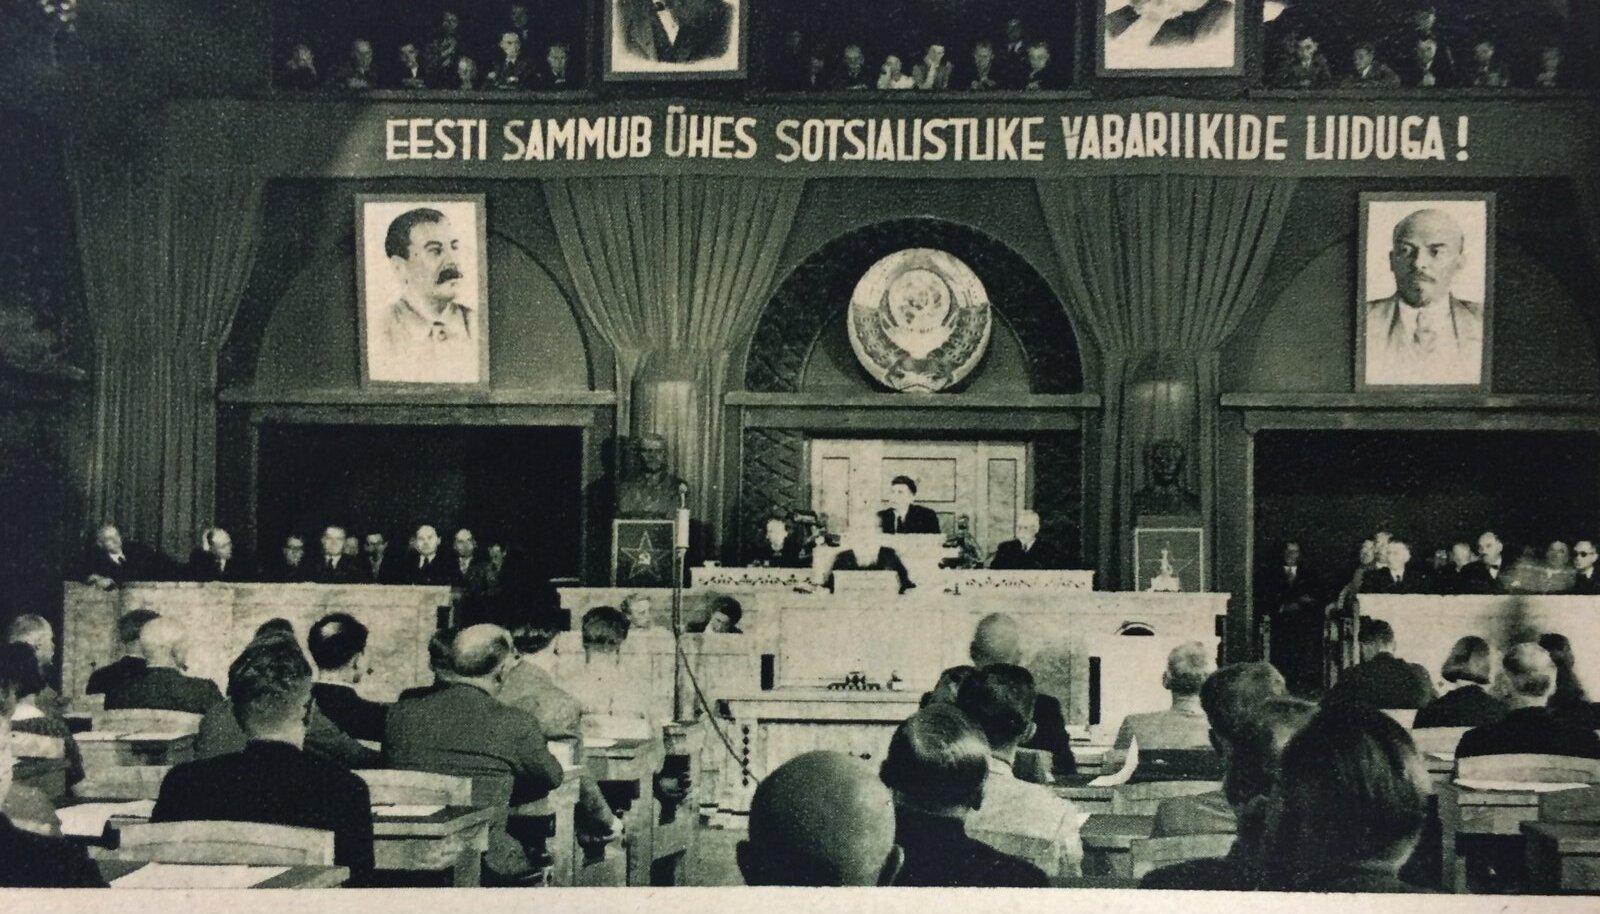 21. juulil hääletas riigivolikogu, kus olid enamuses kommunistid, Eesti nõukogude sotsialistlikuks vabariigiks.